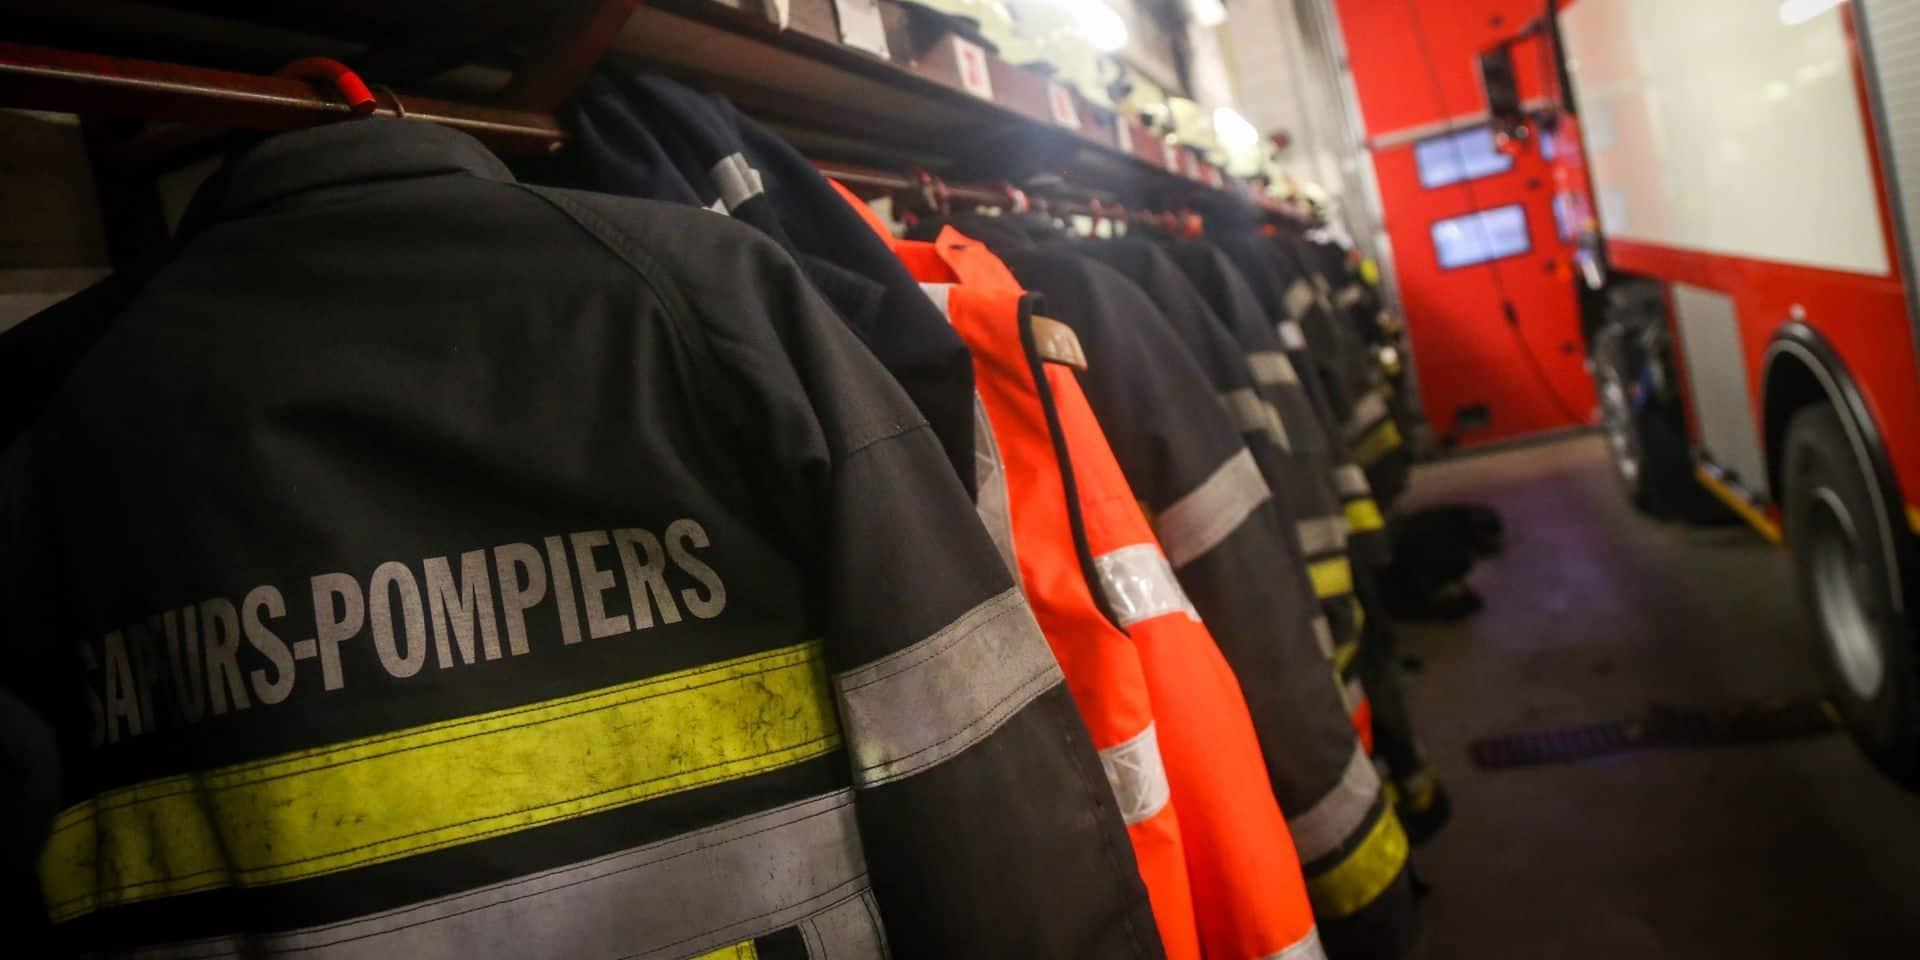 Bruxelles-Ville: un pompier frappé au visage en pleine intervention dans une cité